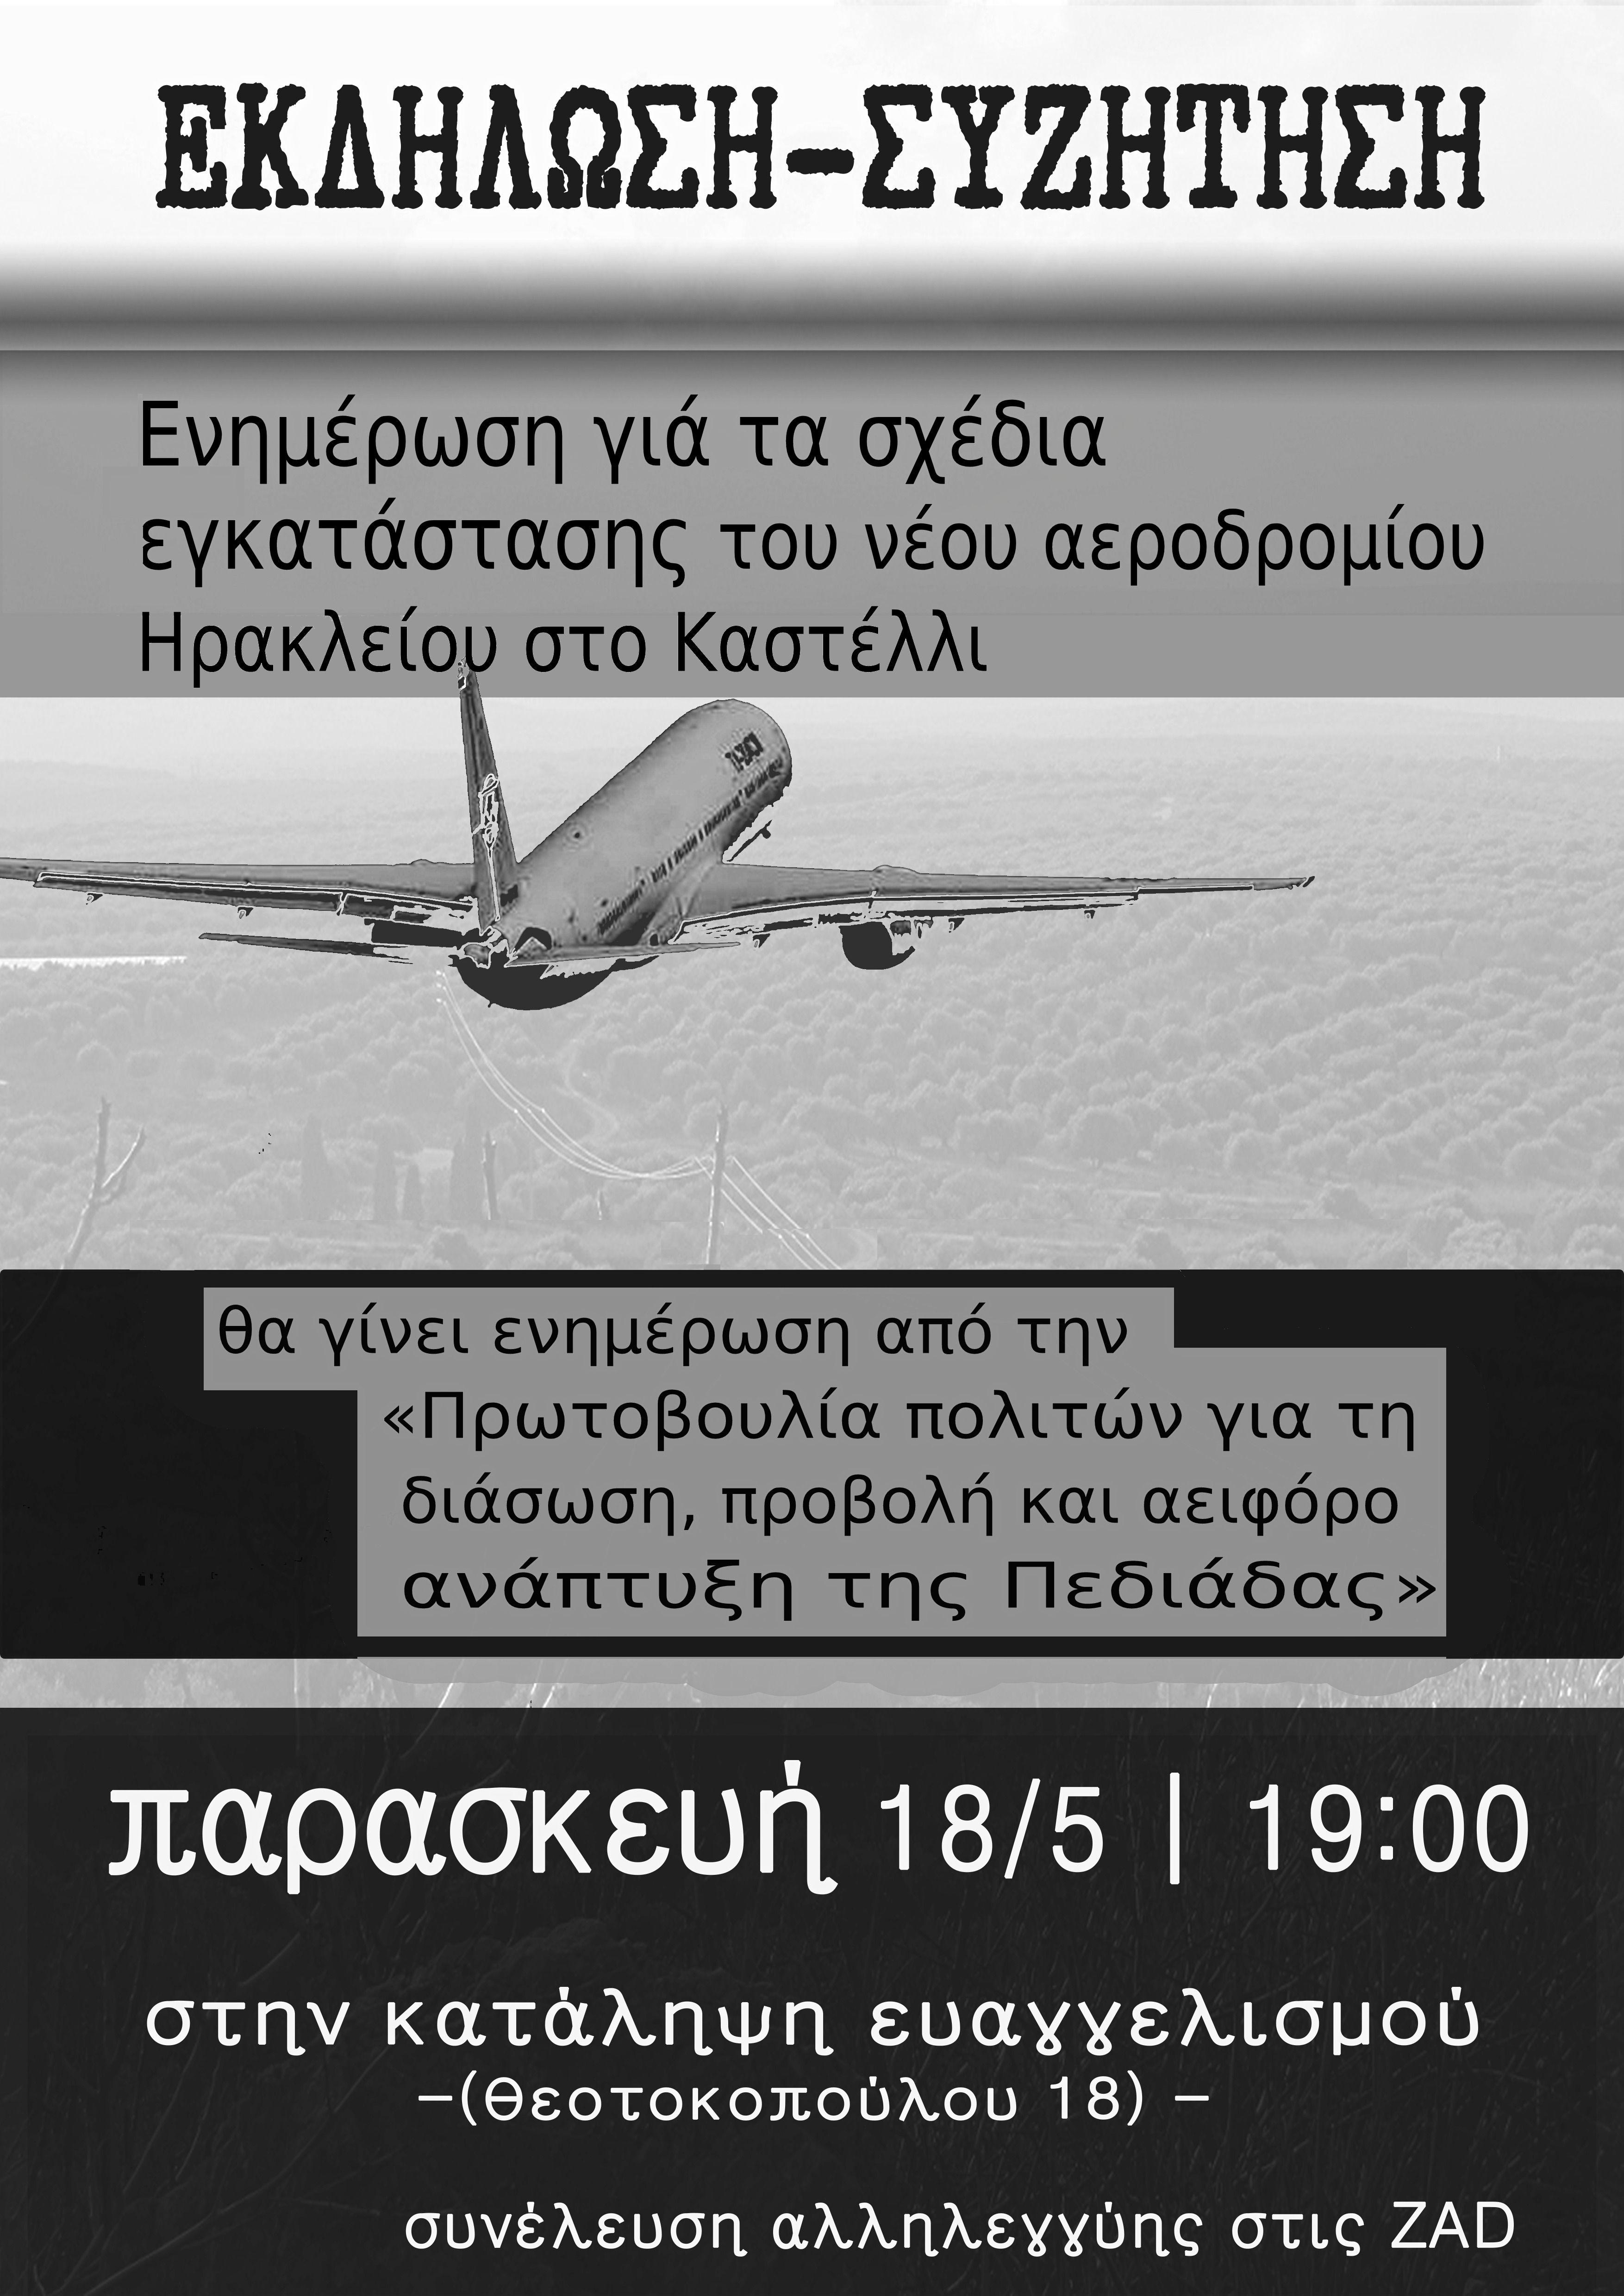 18.5 – Ενημέρωση για τα σχέδια εγκατάστασης του νέου αεροδρομίου